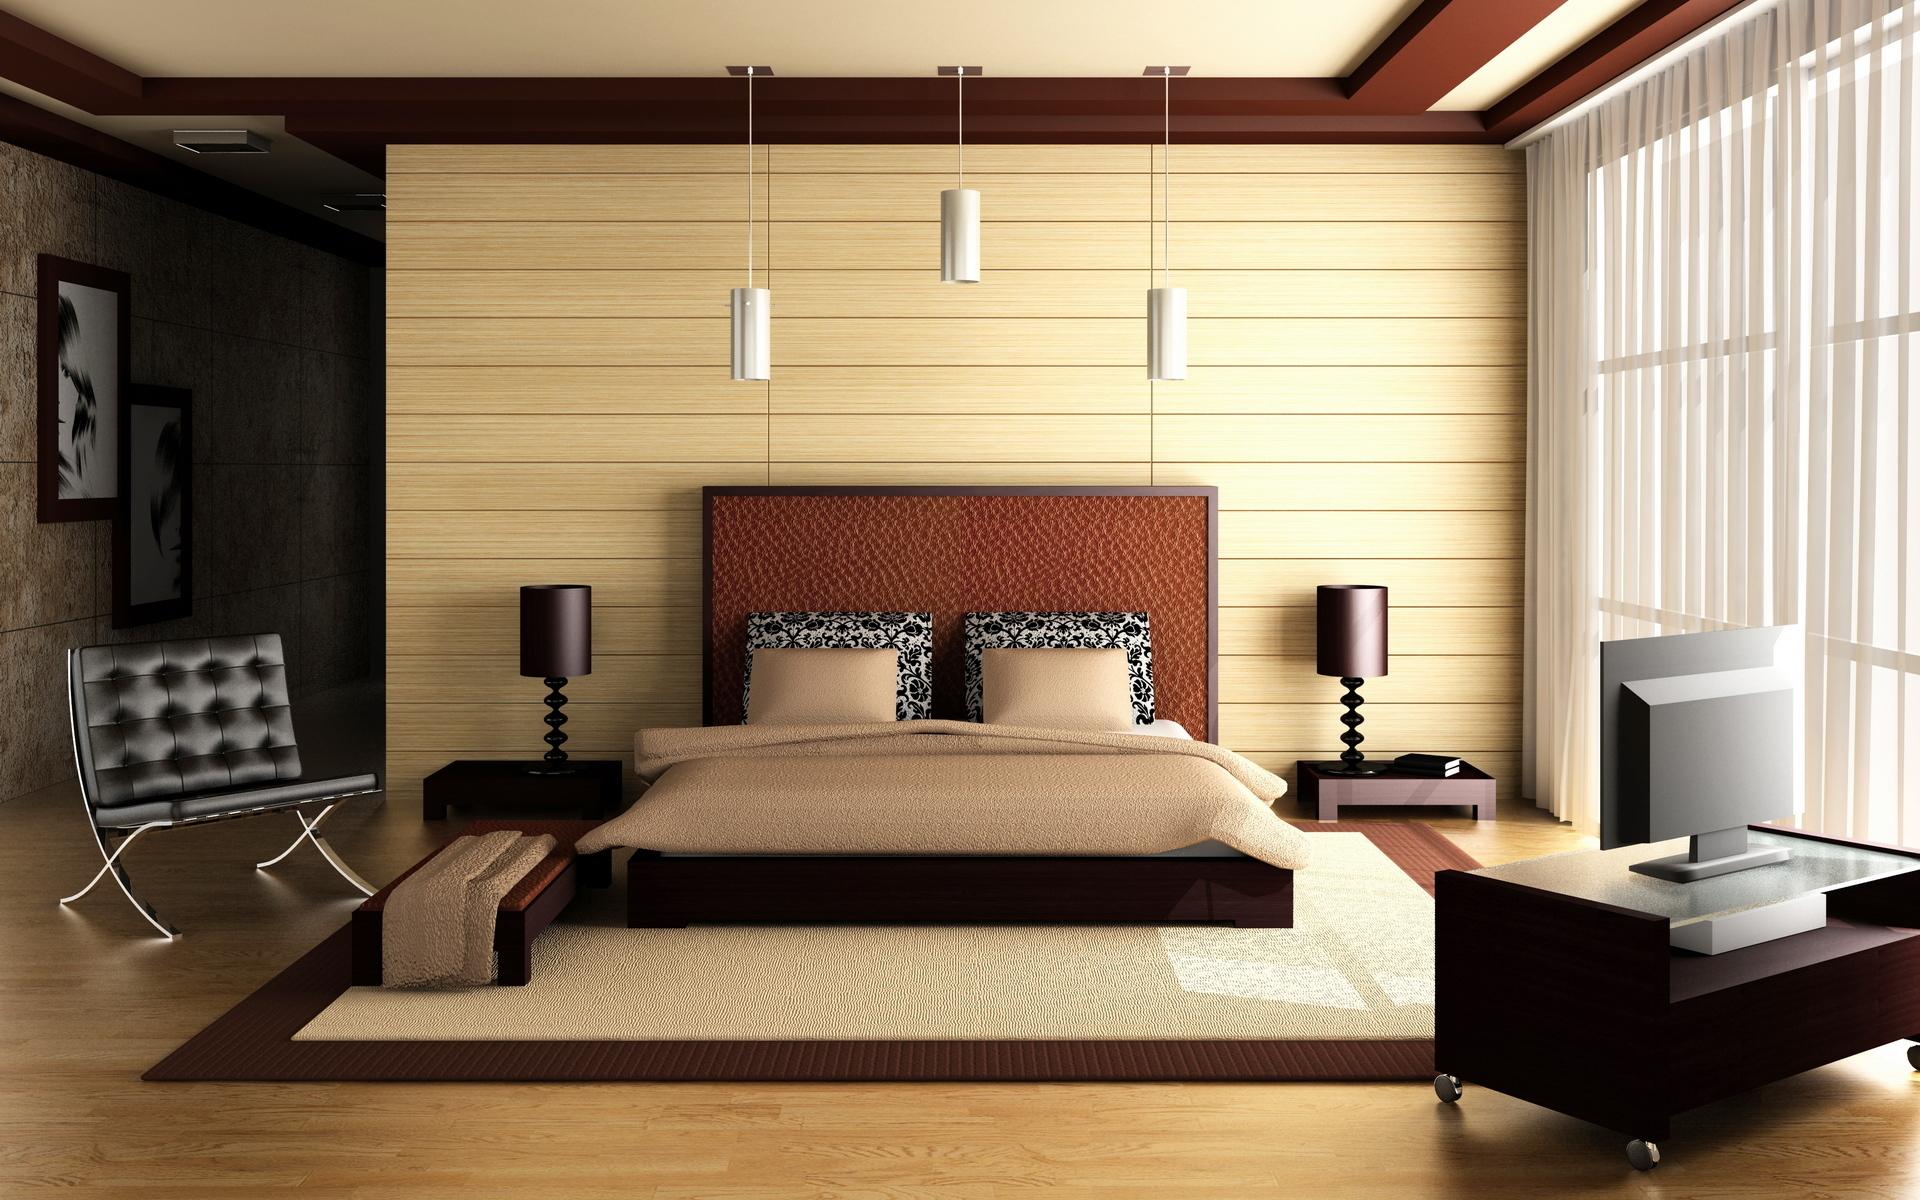 Дизайн спальни интересные идеи фото